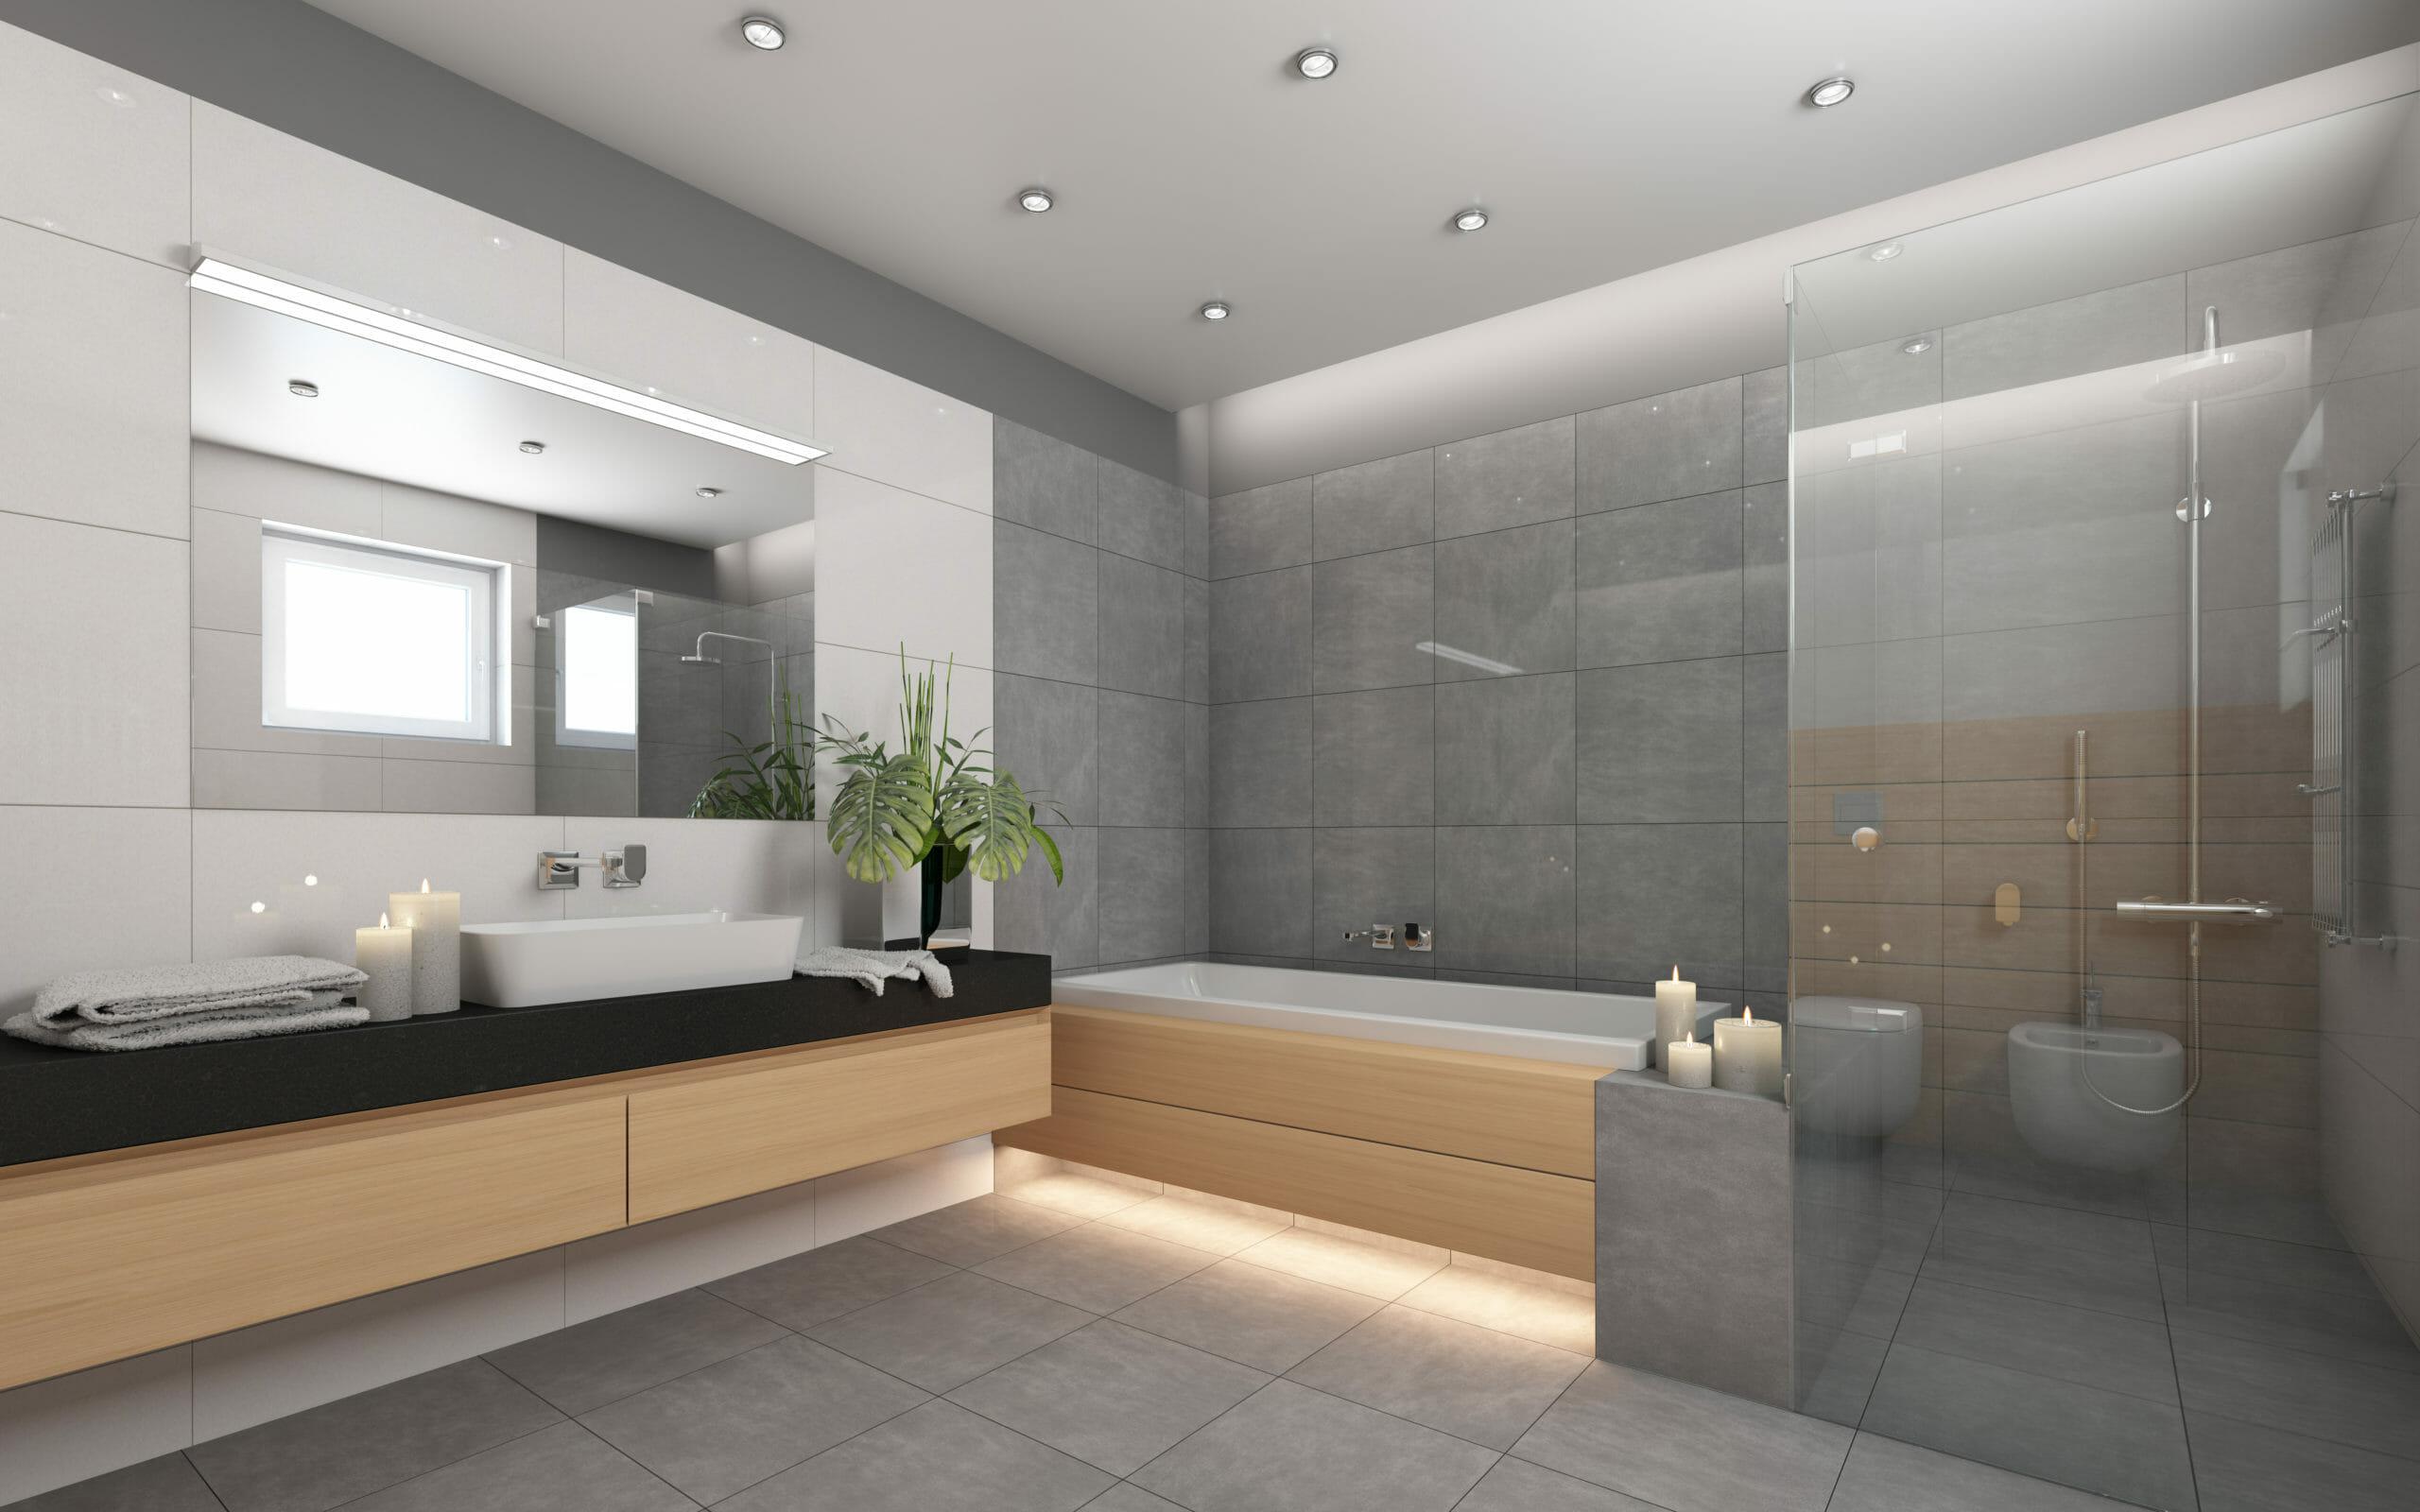 Bildergalerie Badideen Fur Modernen Badezimmerumbau Badsanierung Ideen Com